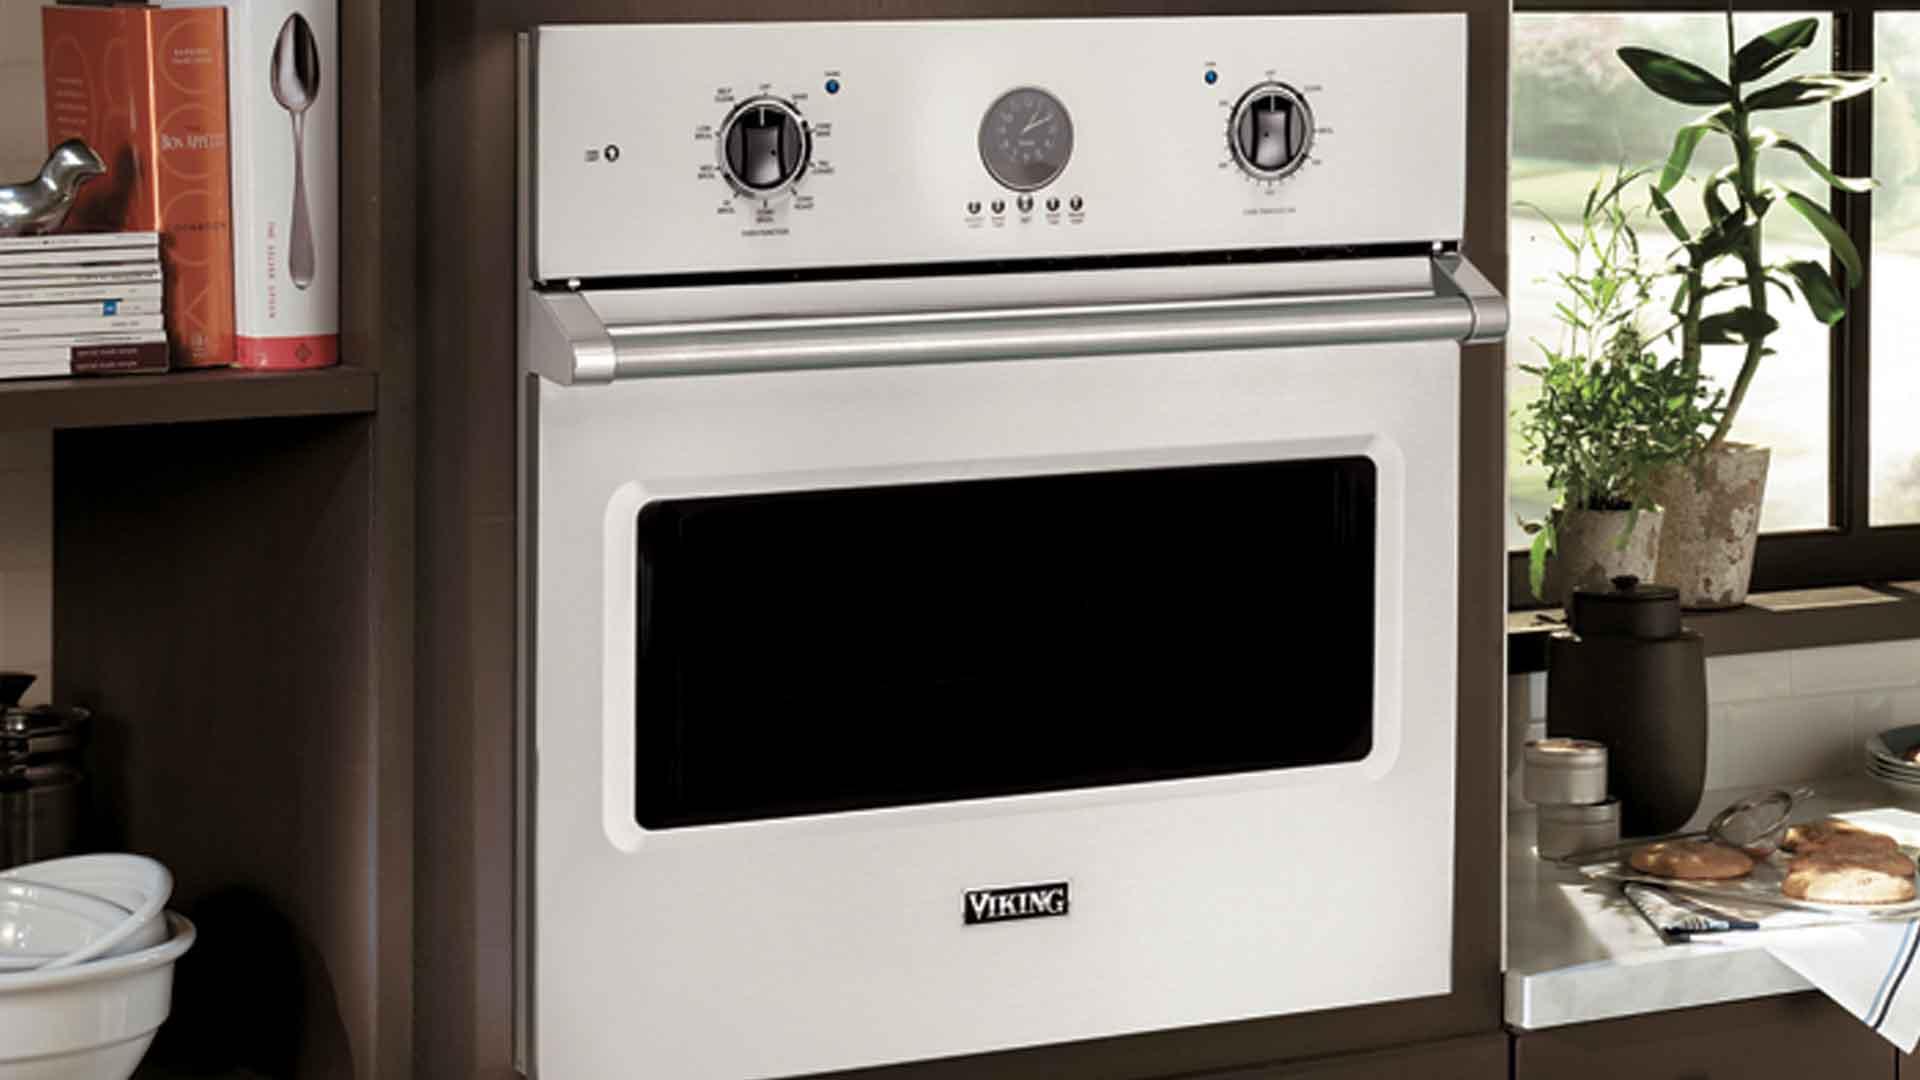 Viking Oven Repair   Viking Appliance Repair